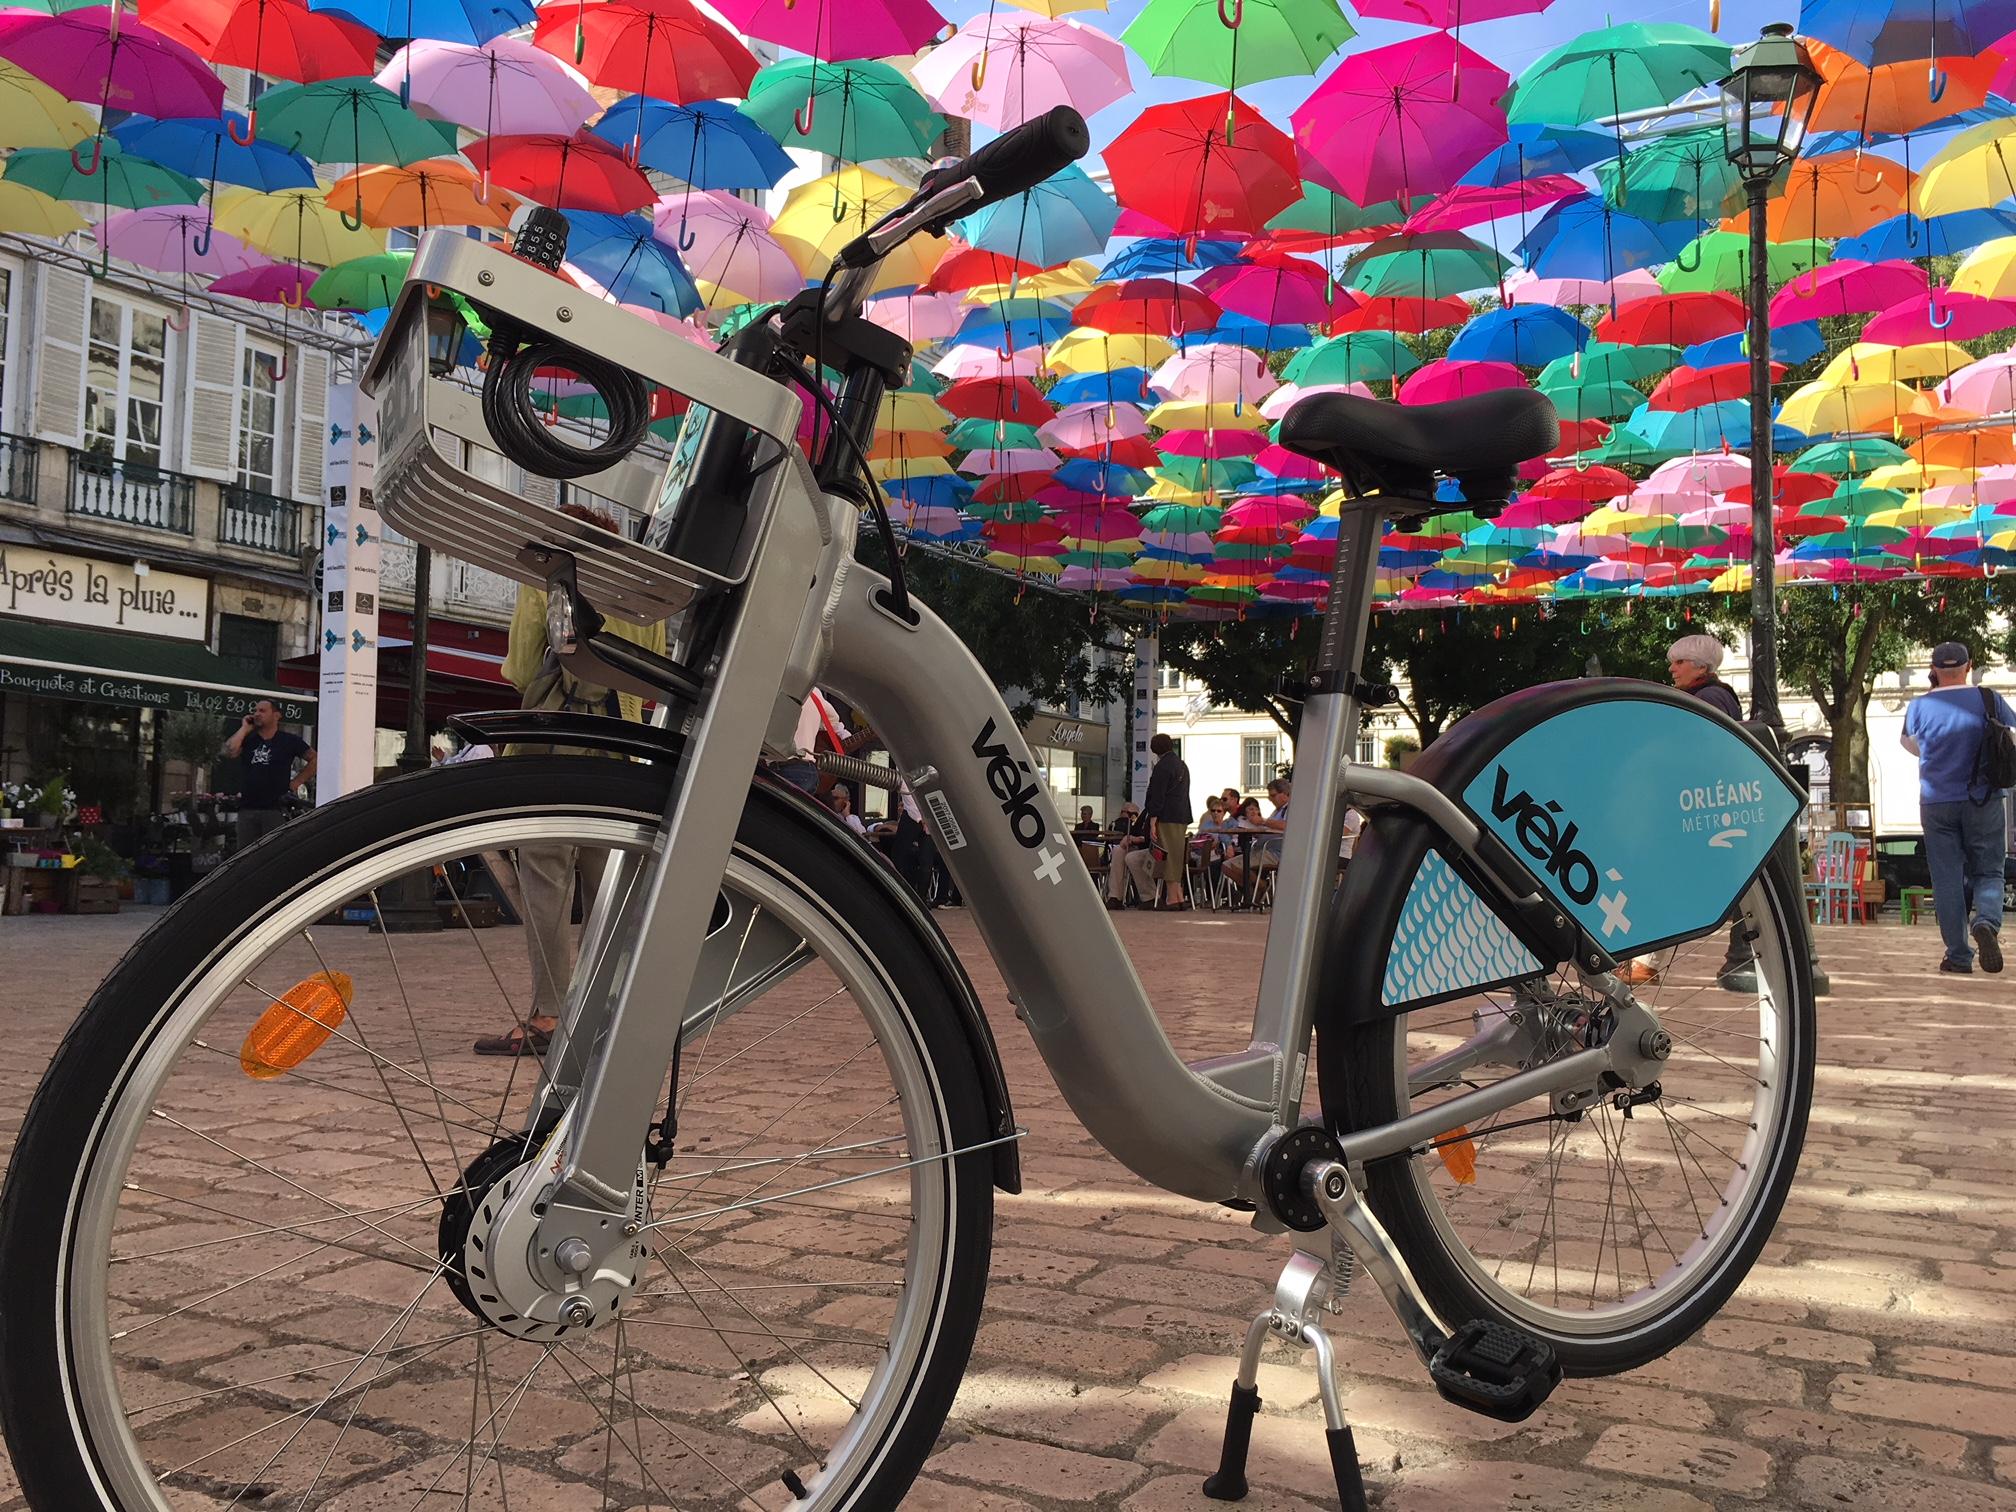 vélo libre-service électrique Orléans